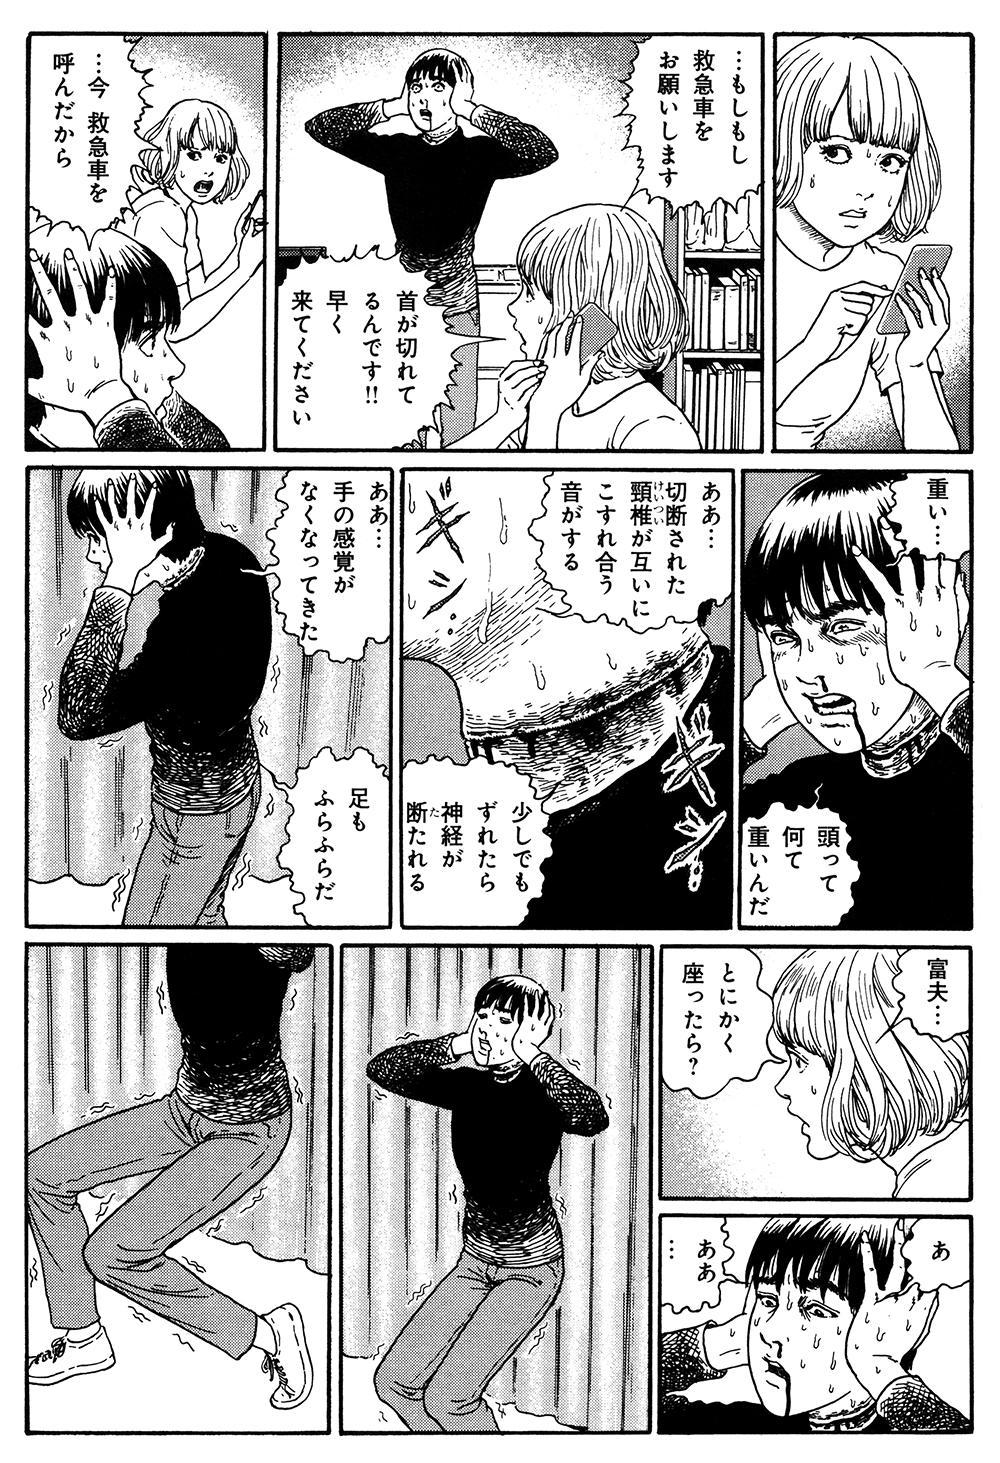 魔の断片 第3話「富夫・赤いハイネック」②jisen06-09.jpg